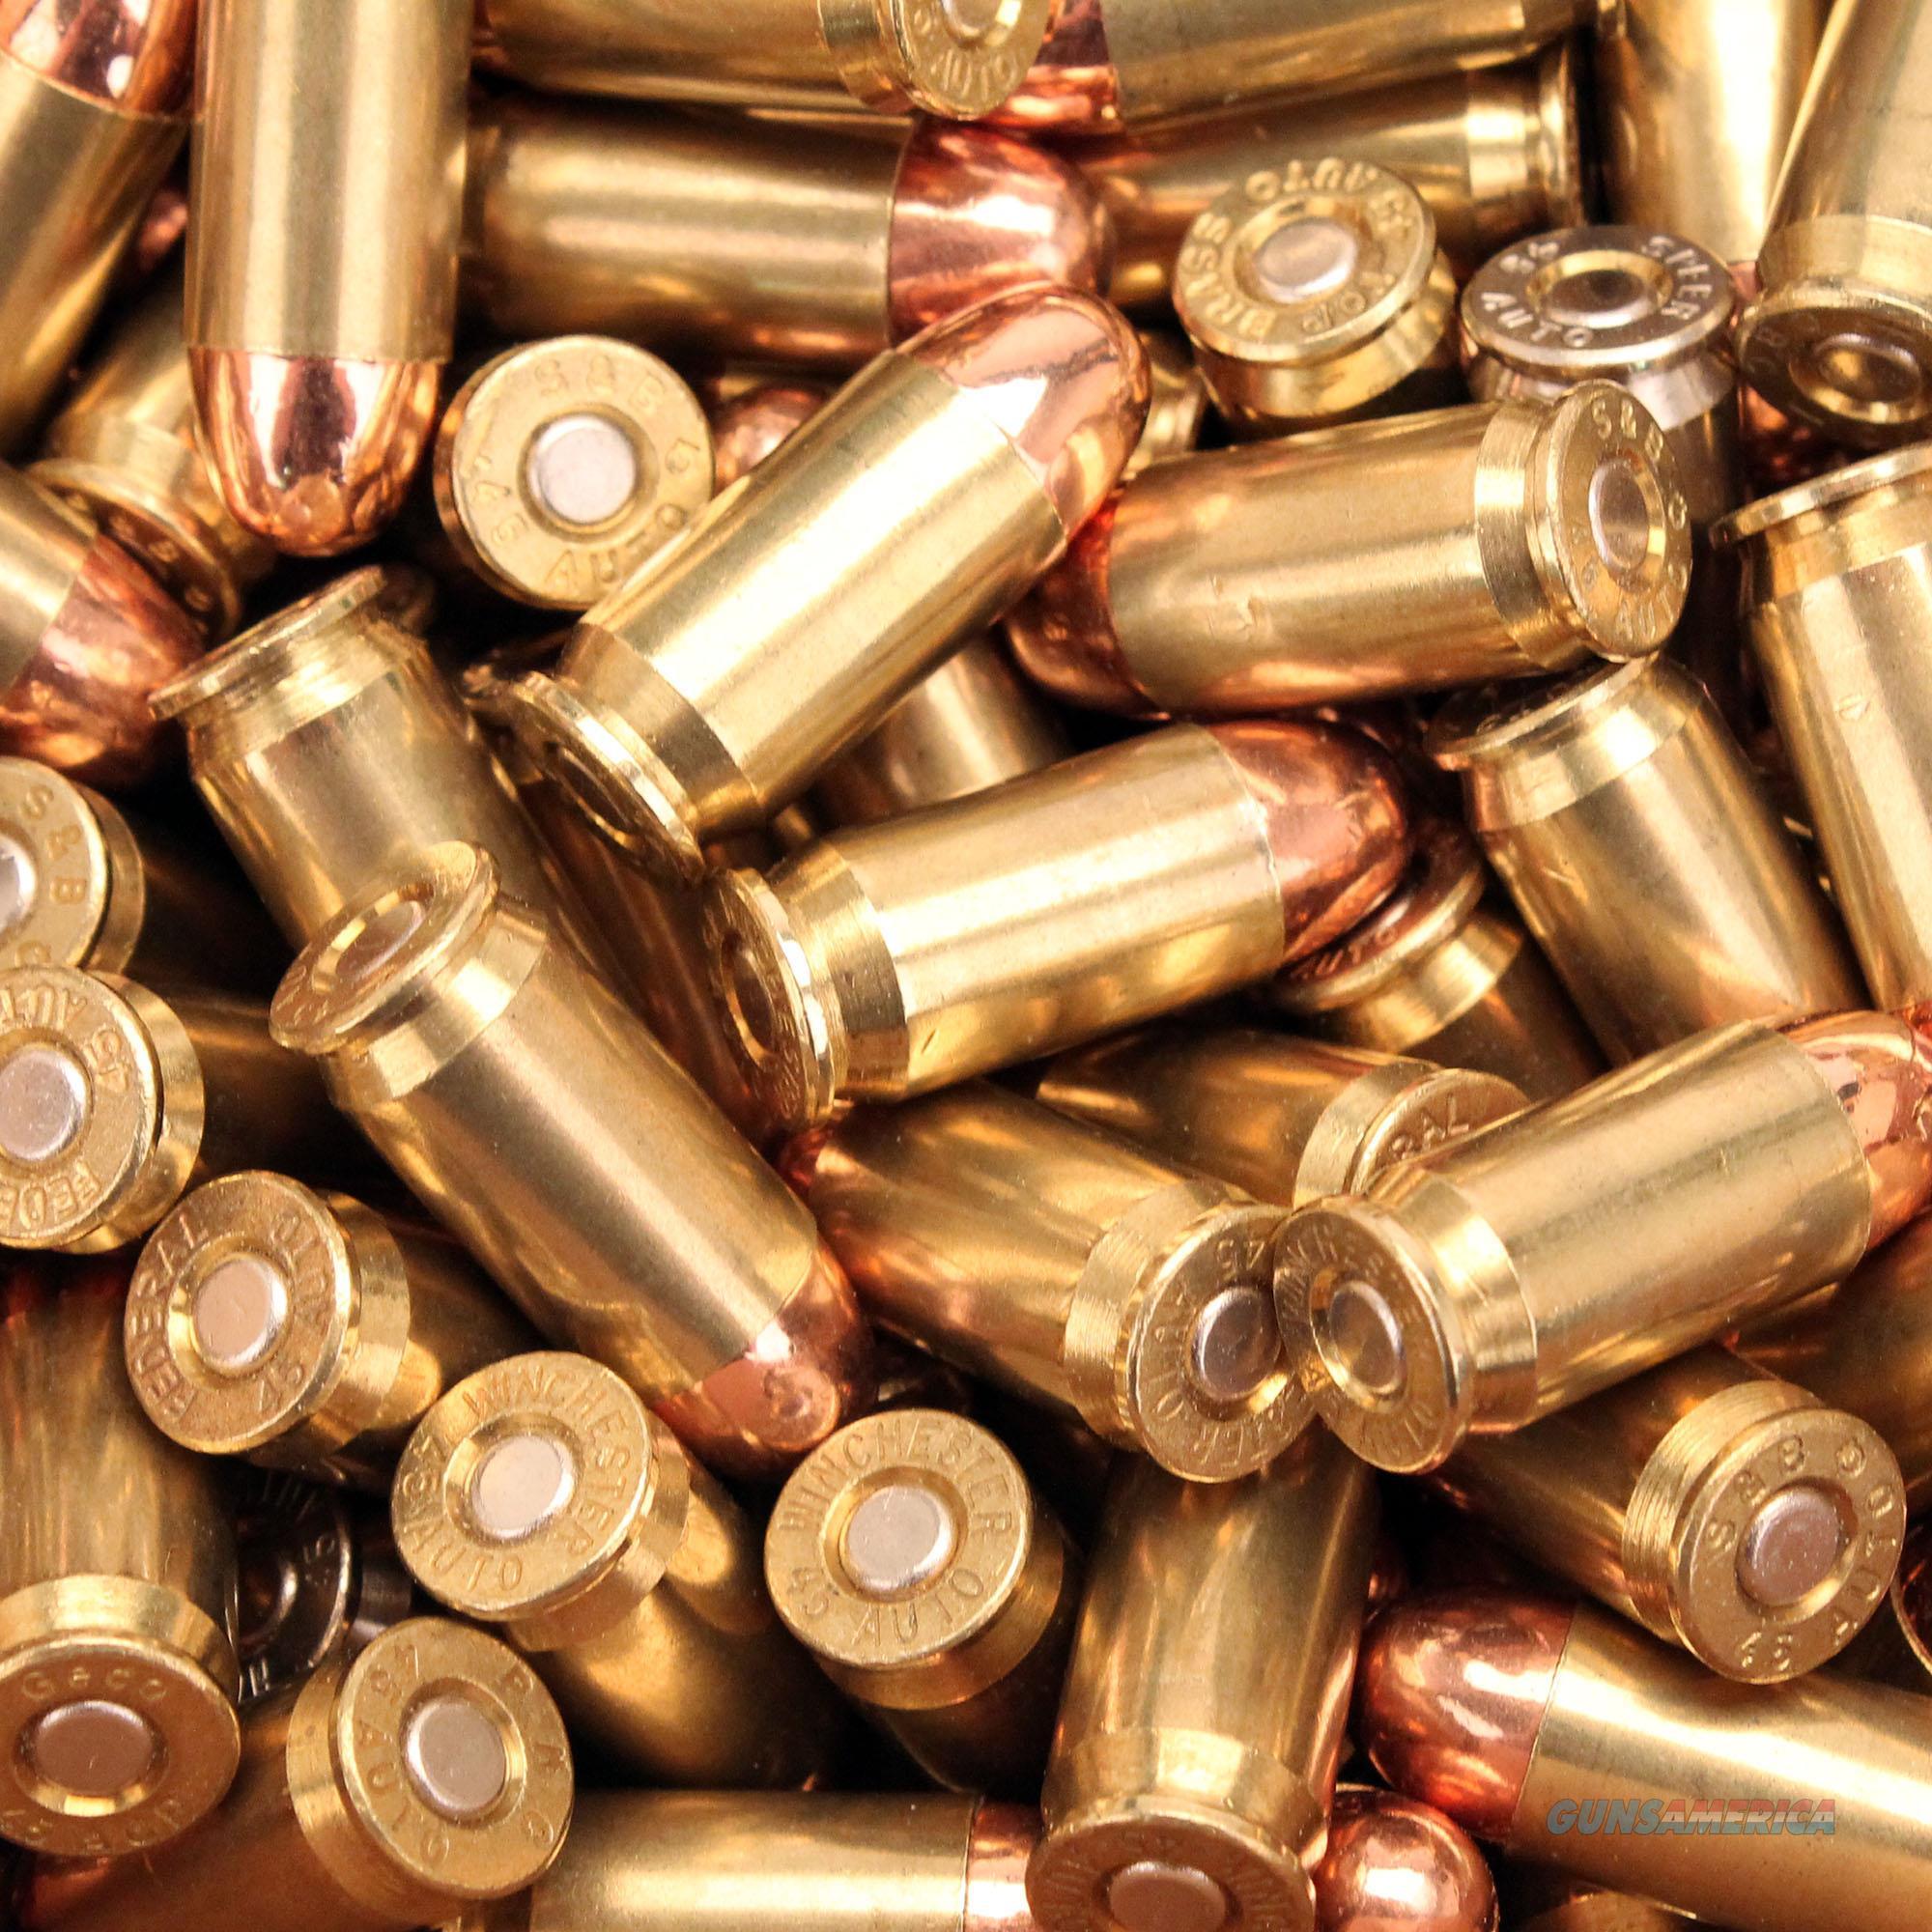 Umax 45 Acp Remanufactured ABI45R5  Non-Guns > Ammunition